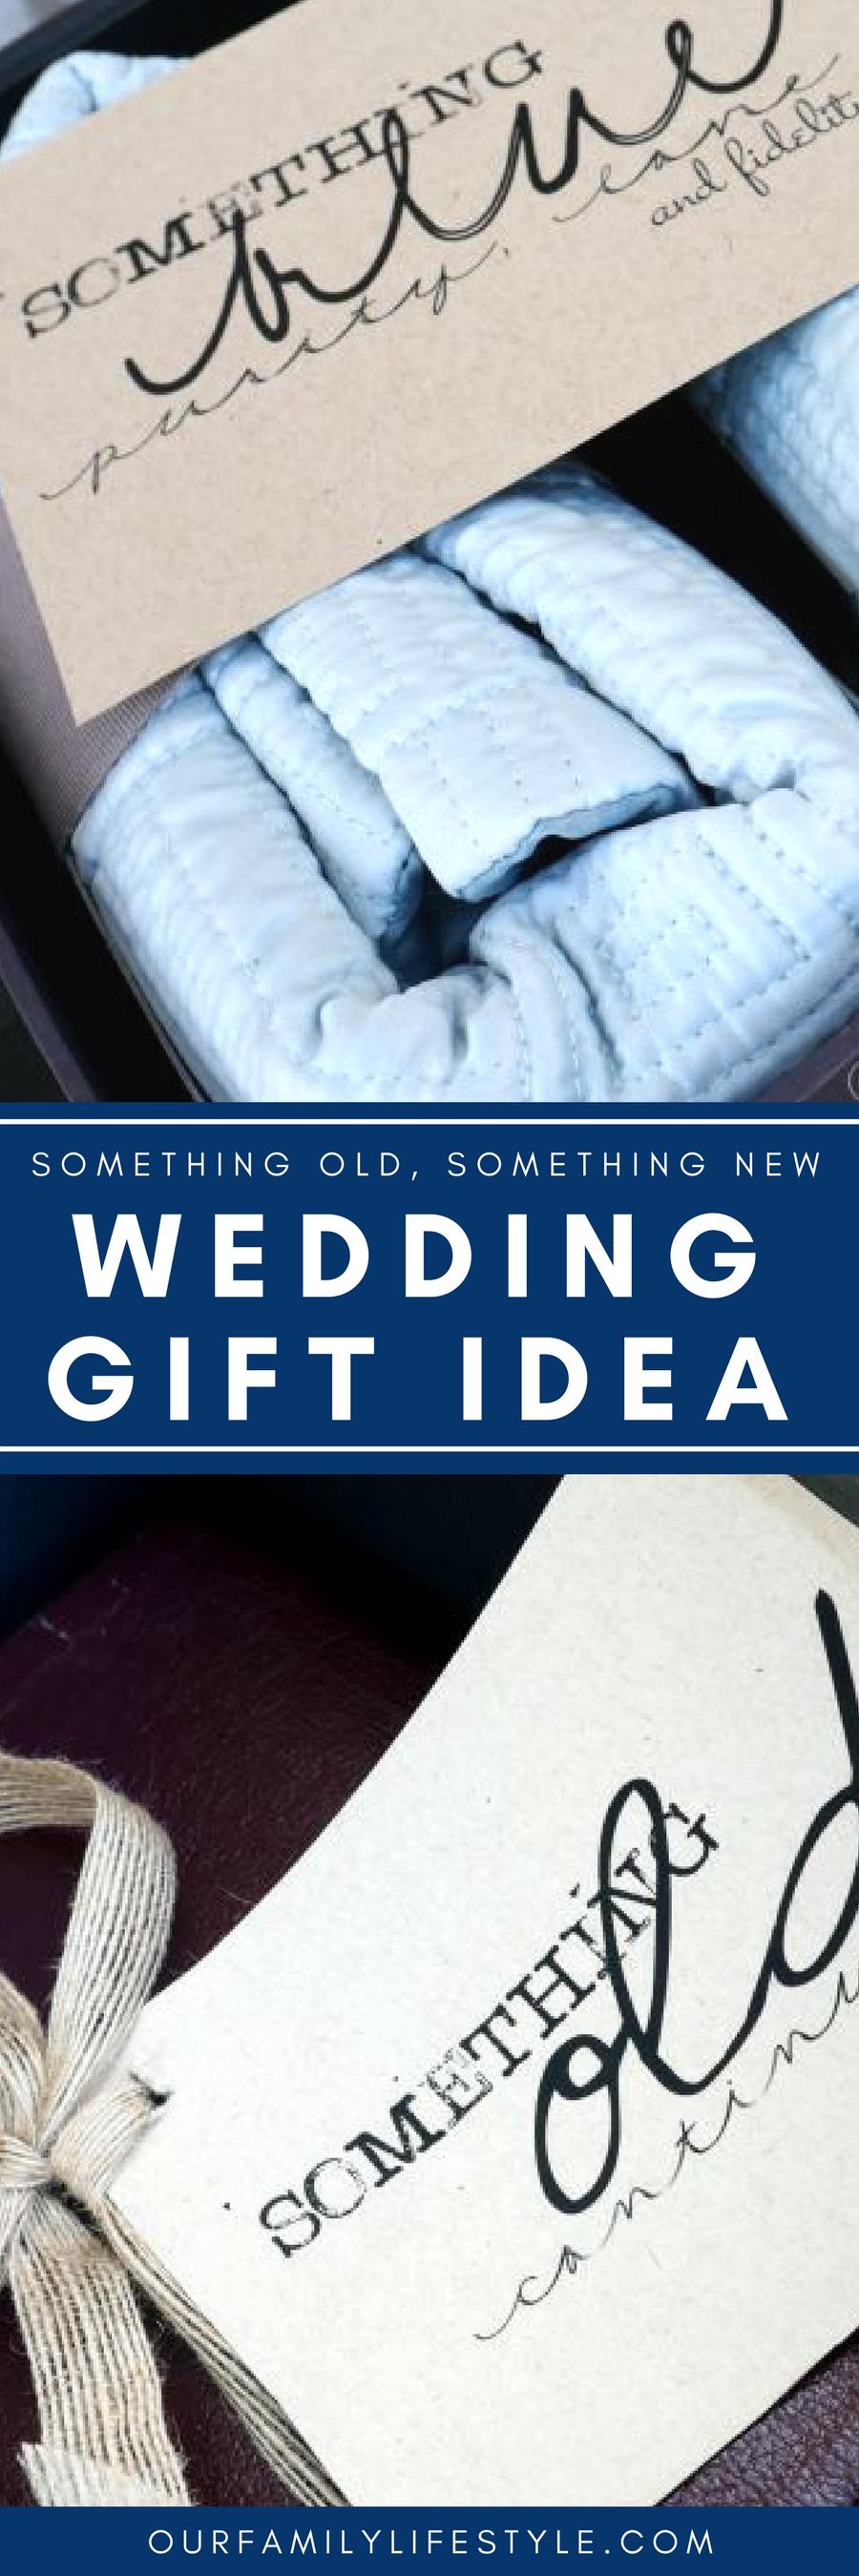 Something Old Something New Wedding Gift Idea